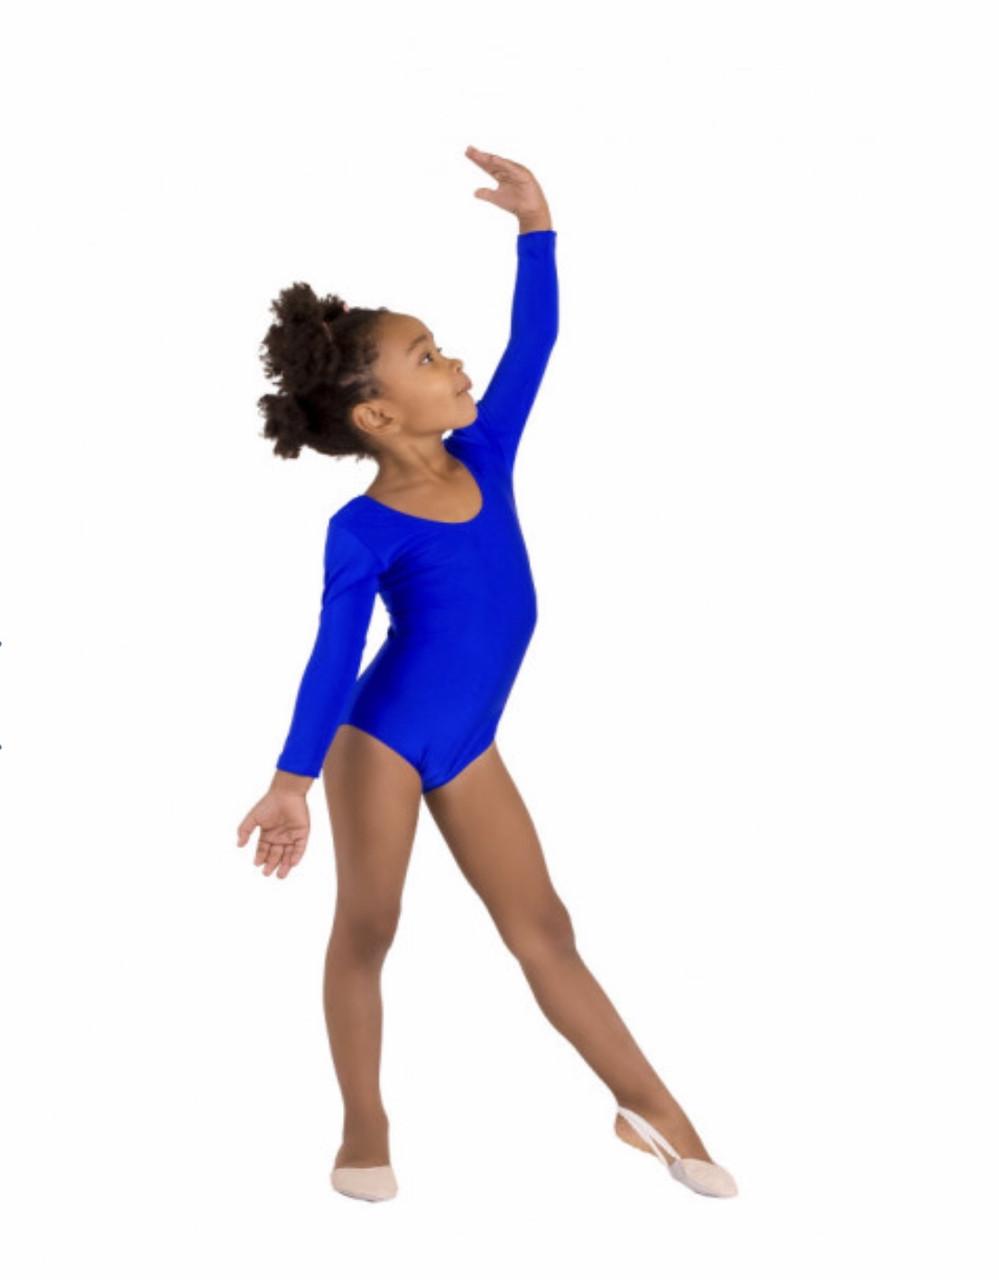 Боди купальник трико  гимнастический для танцев синий , балета